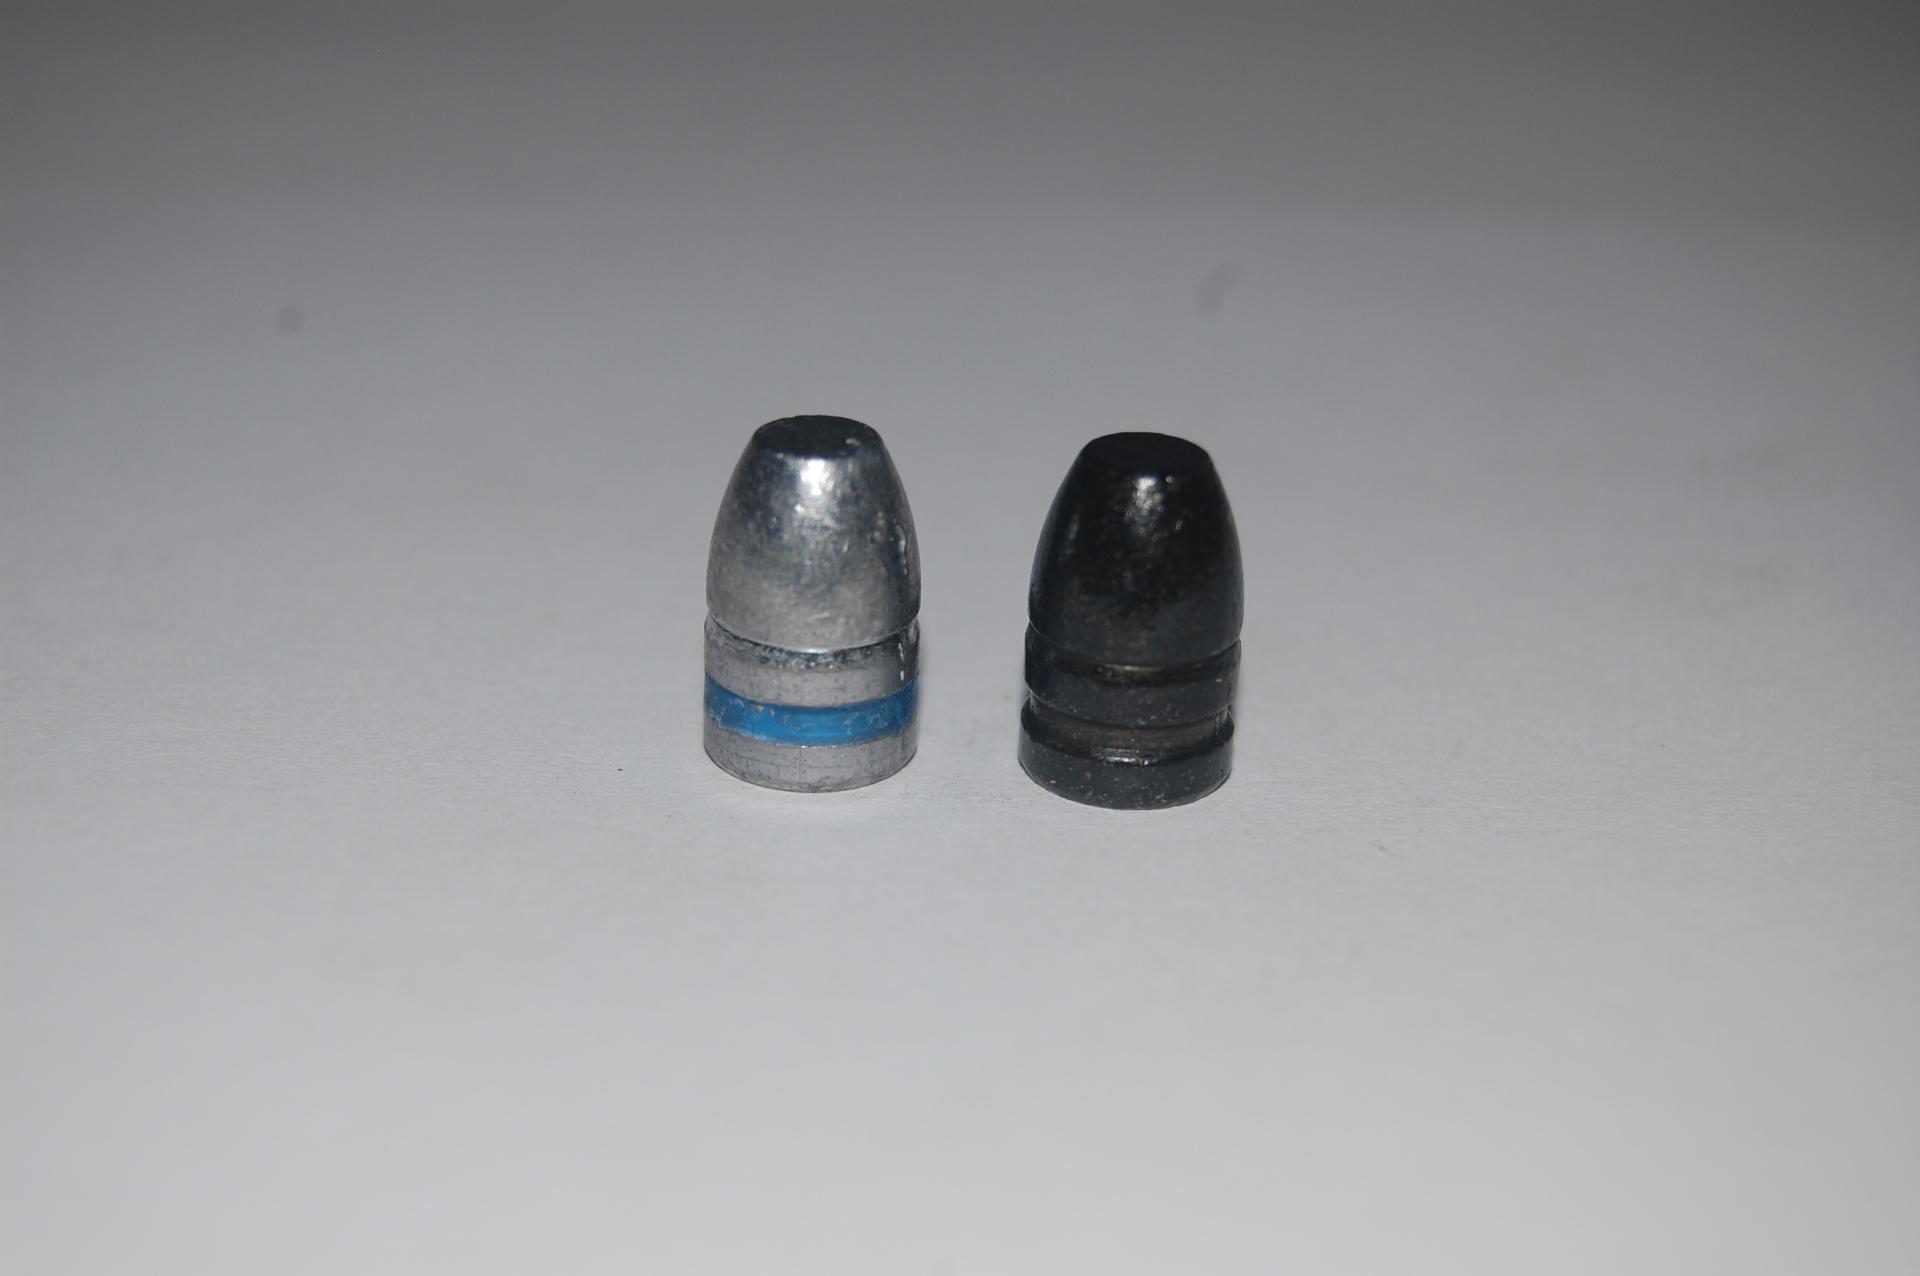 38/357 - 130gr RNFP